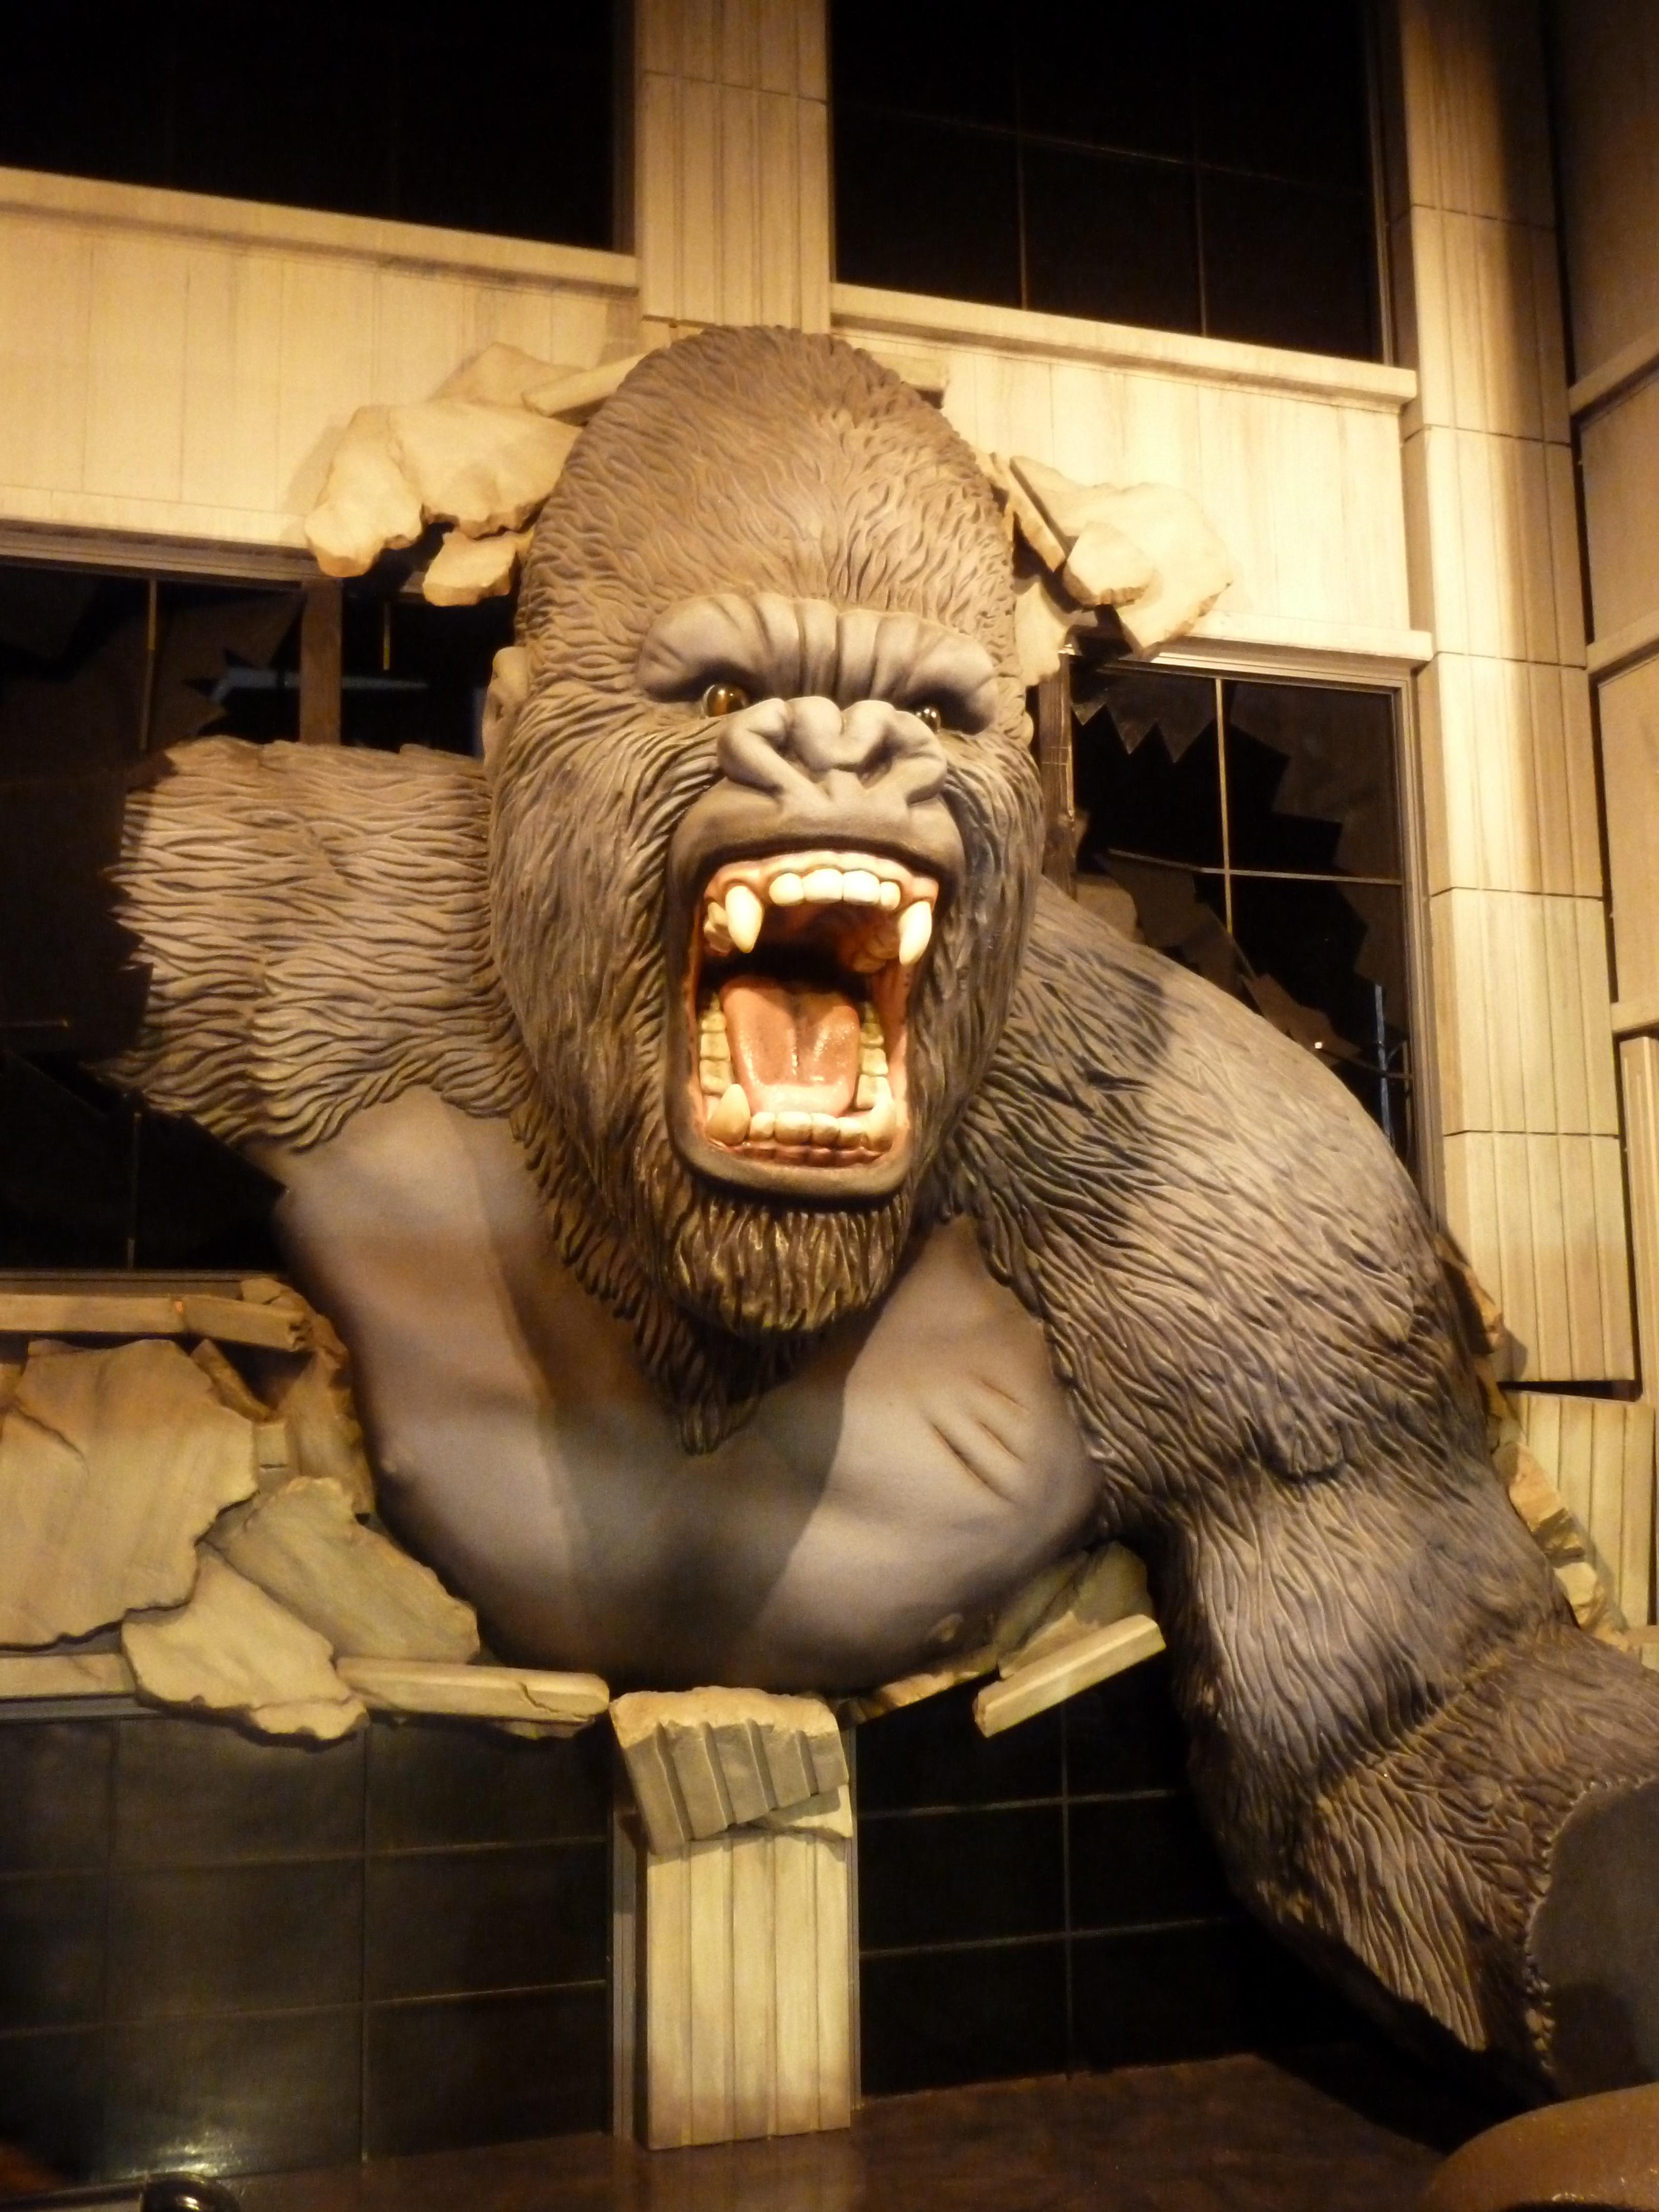 fotos gratis aventuras estatua primate gorila